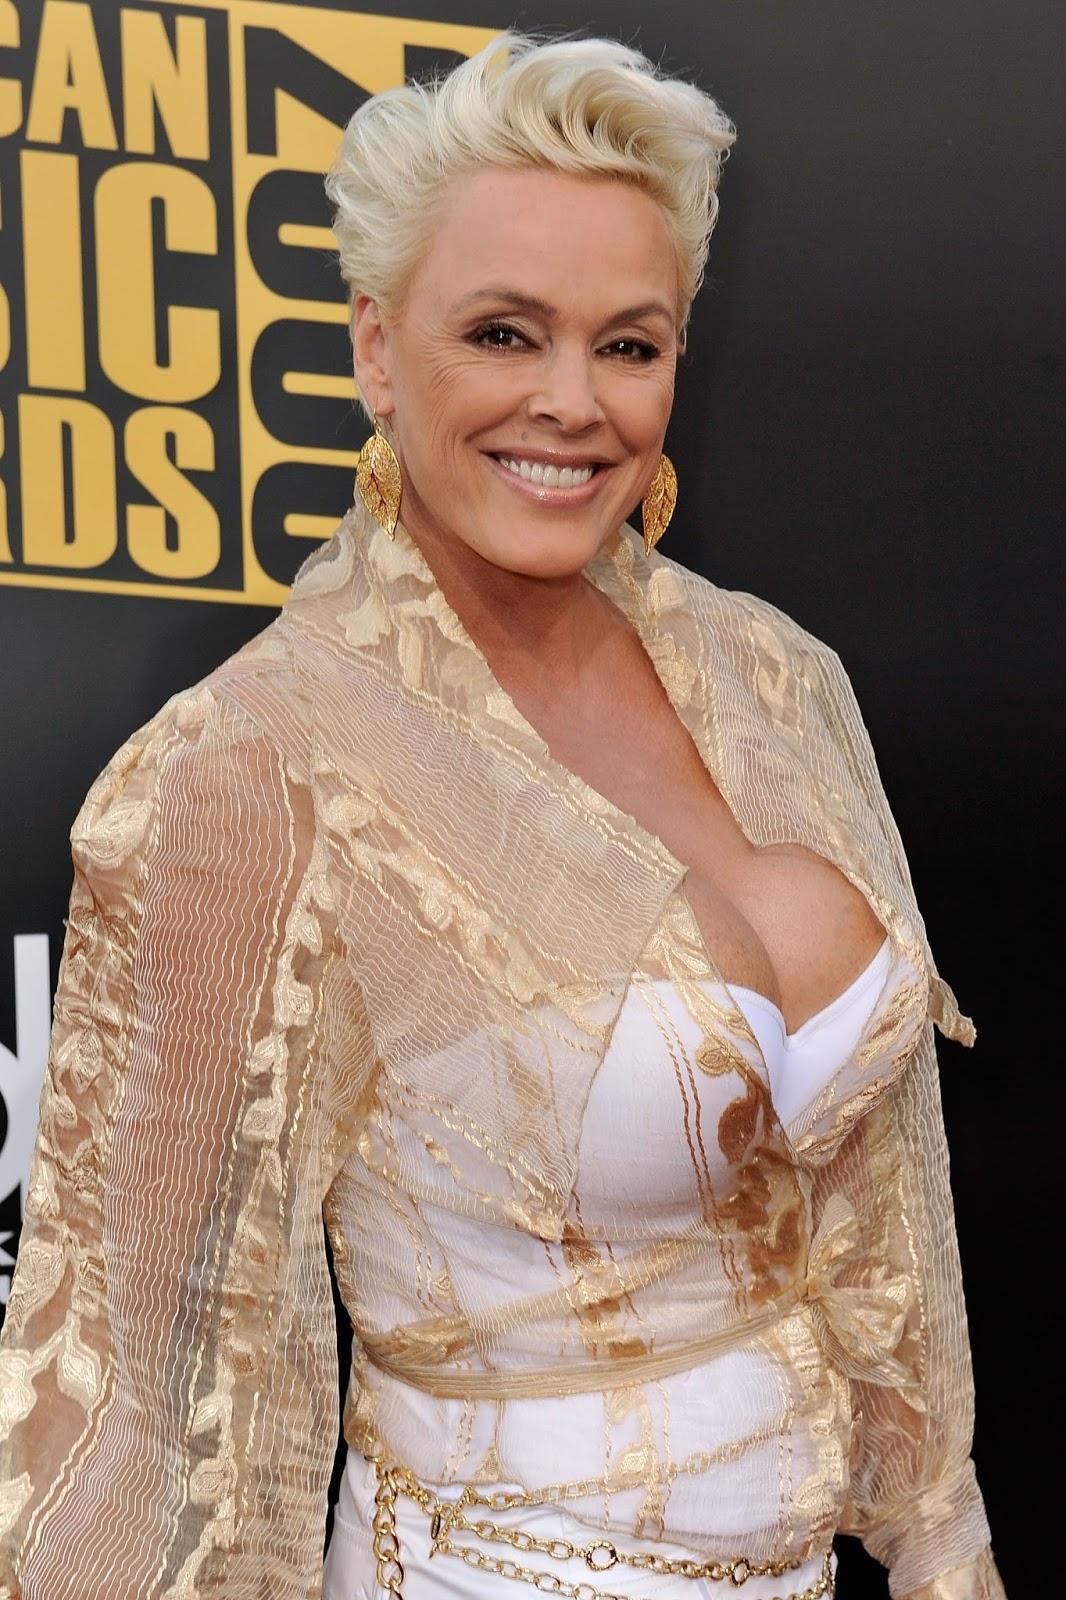 Brigitte Nielsen Hot Cleavage at 2008 American Music